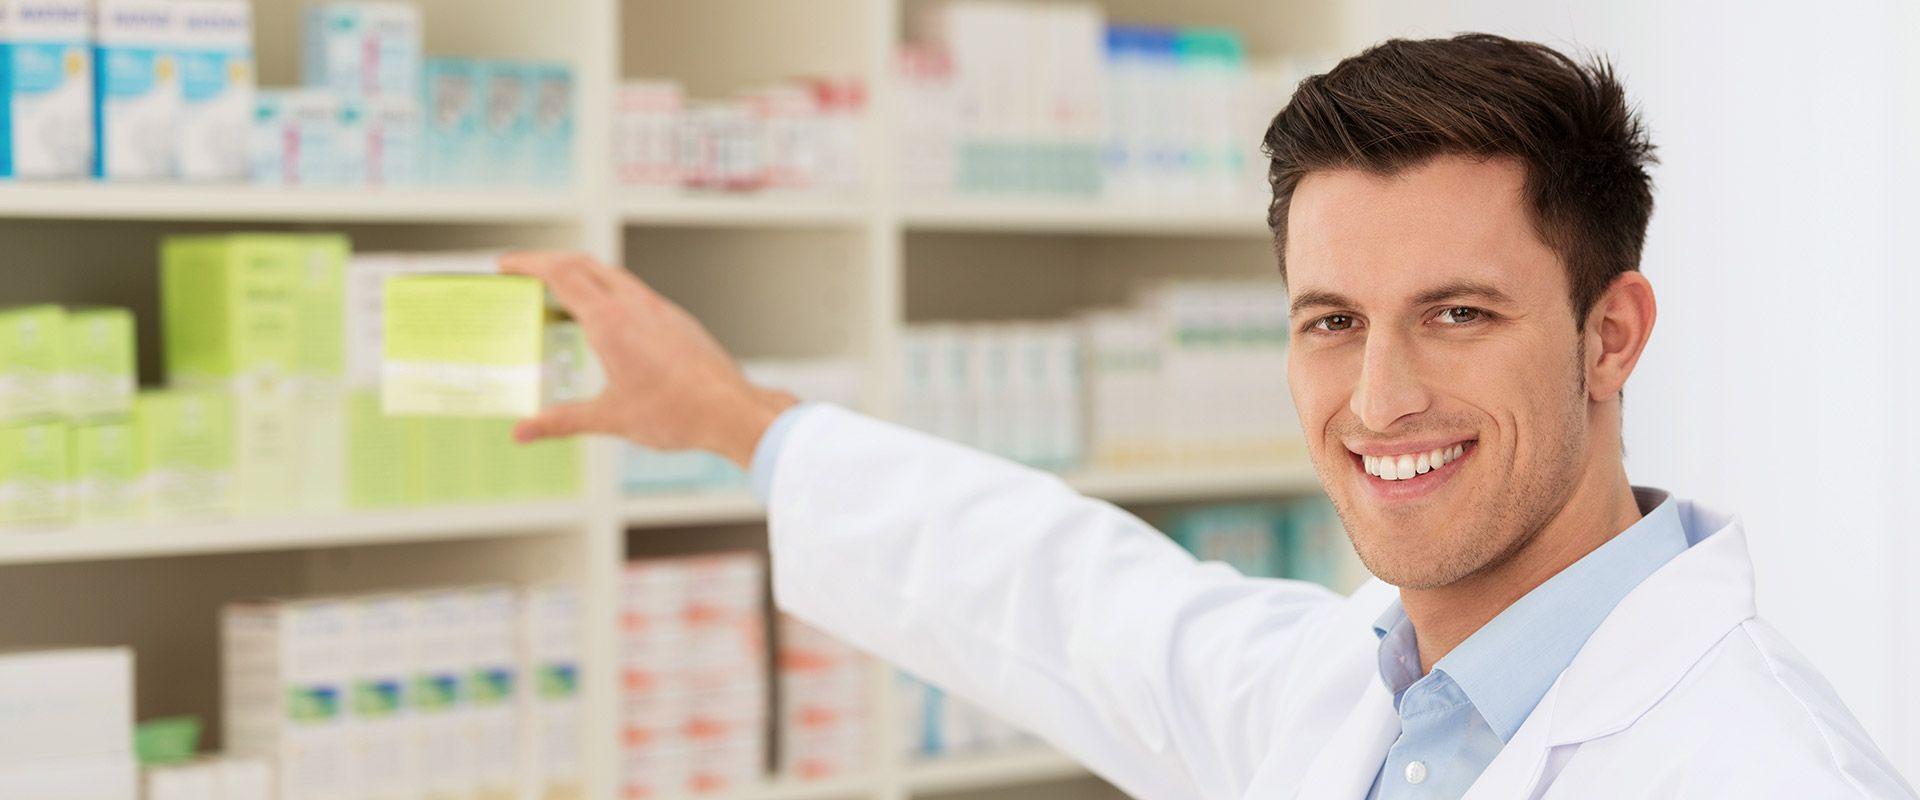 Arzneimittelvergleich